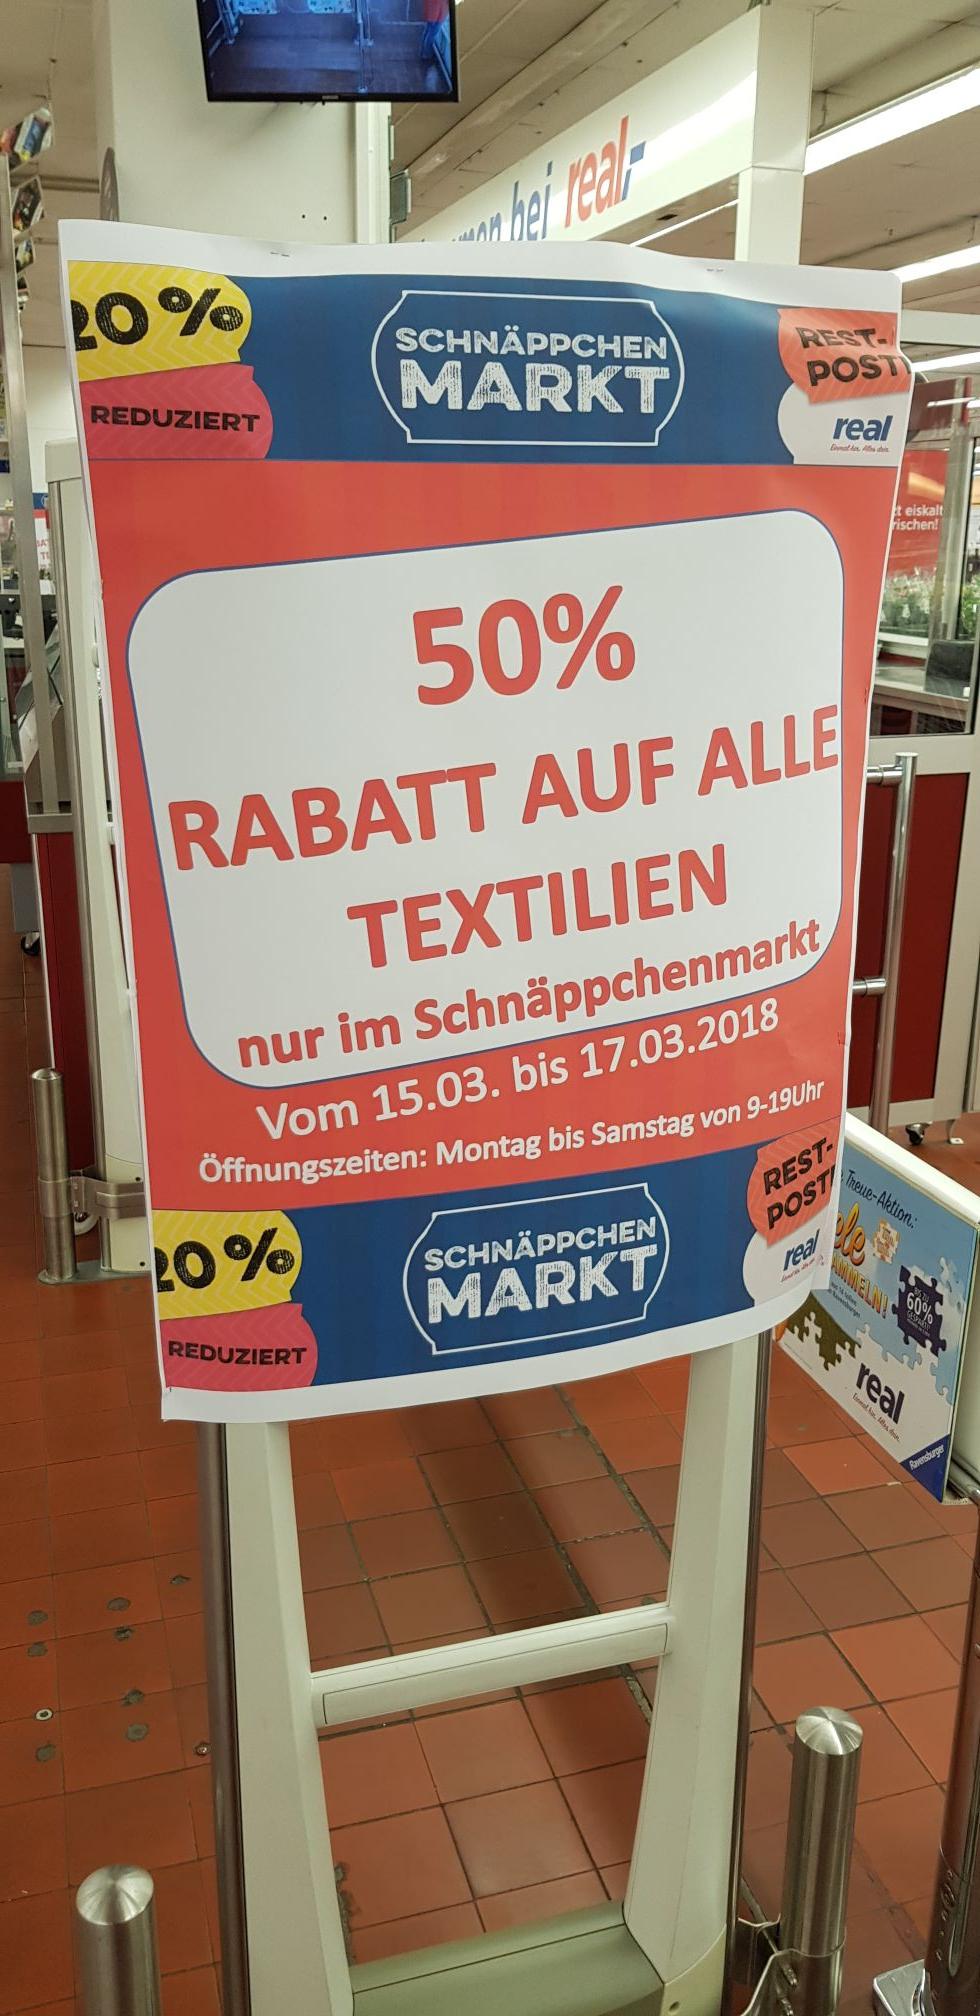 Real Schnäppchen Markt Bremen Vahr